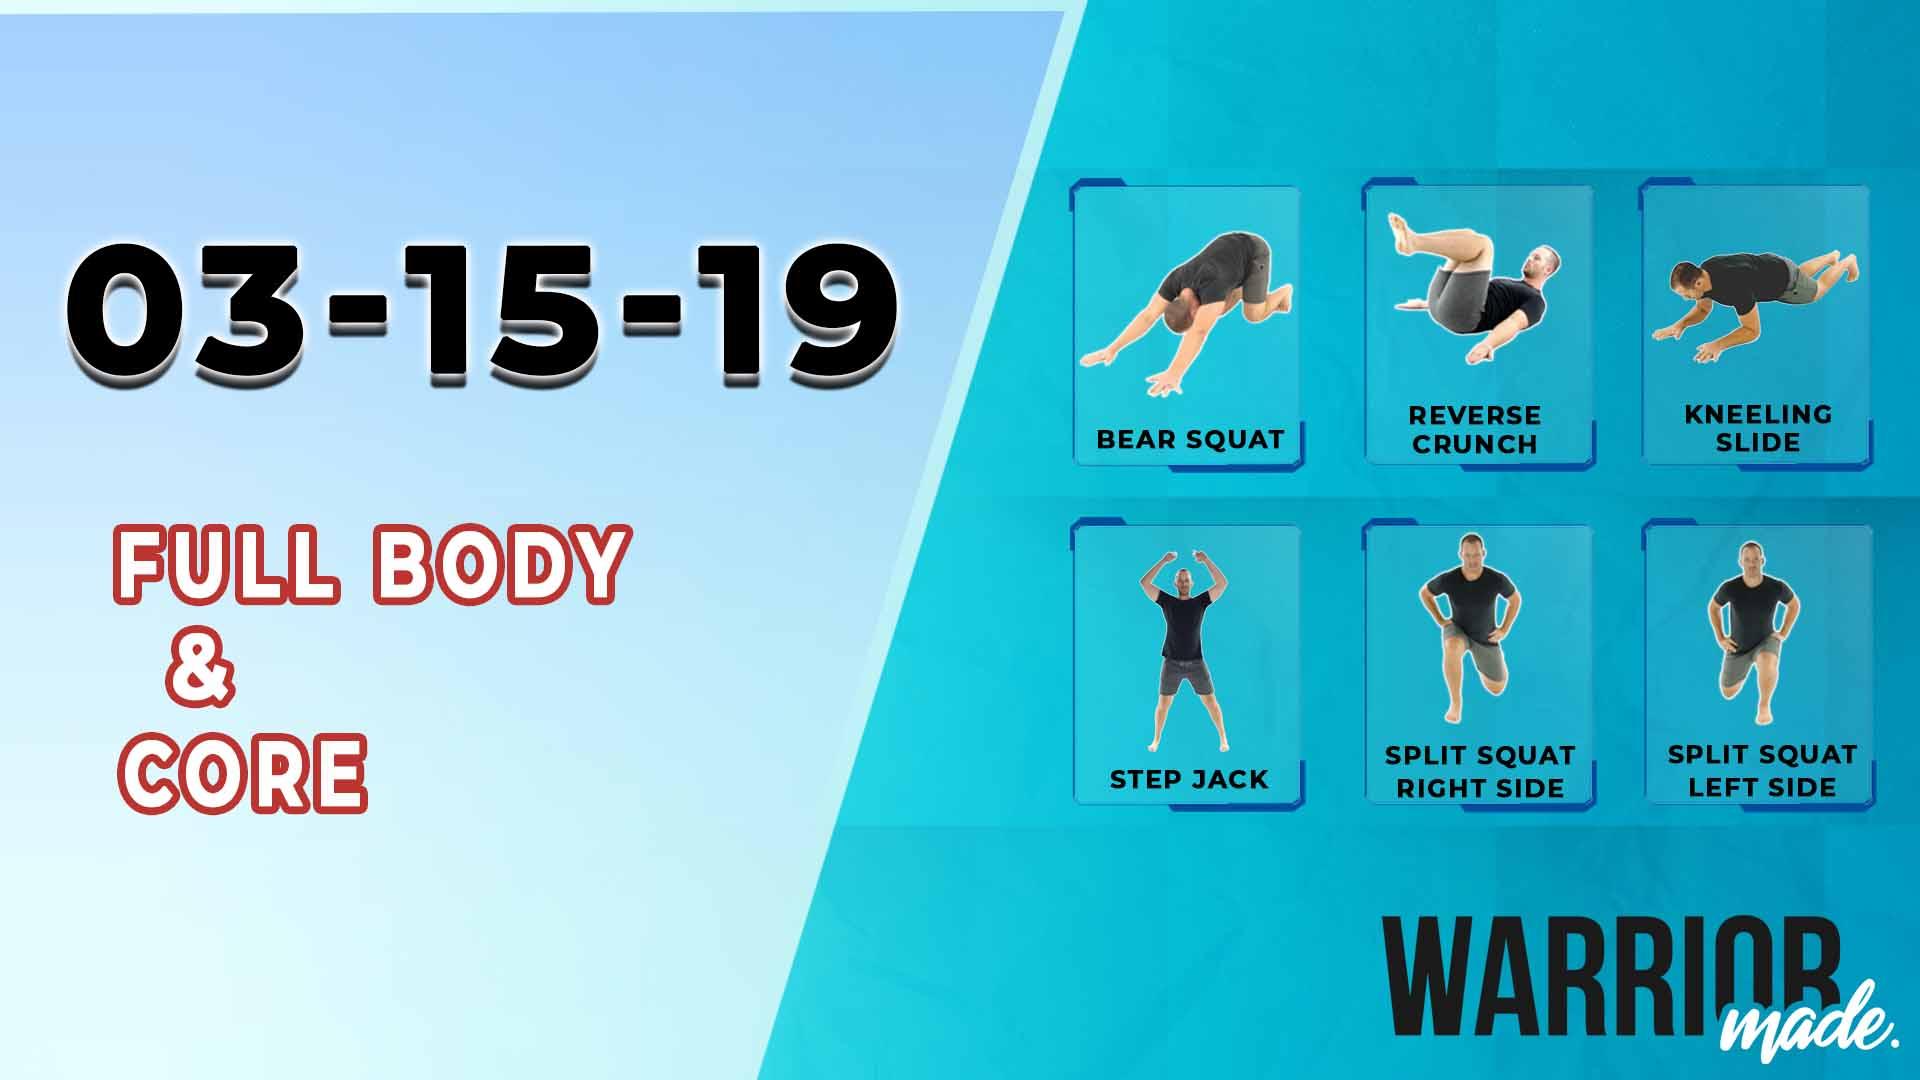 workouts-03-15-19